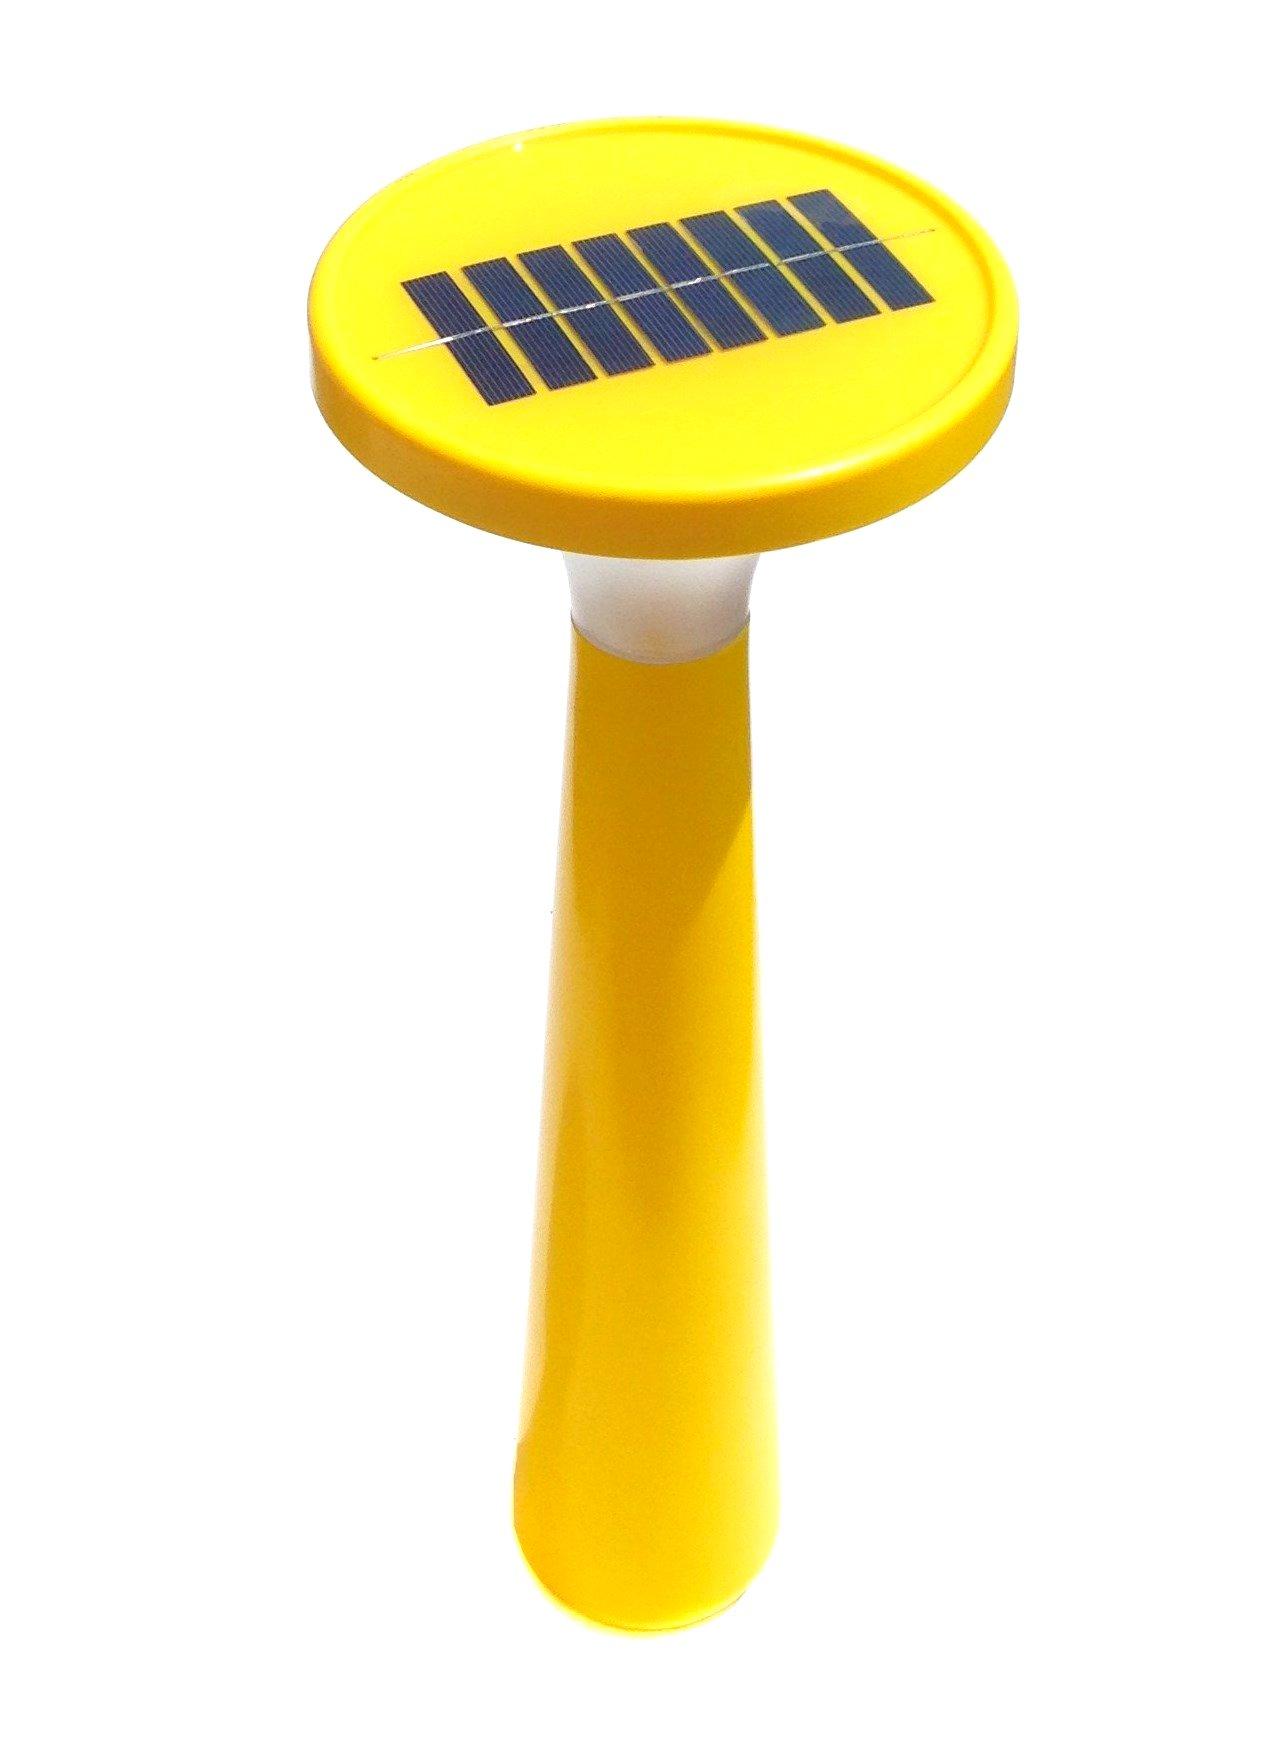 Outlook Design V6P0300059 Aton Large Lampada da Giardino a Carica Solare, Gialla, Accensione e speg